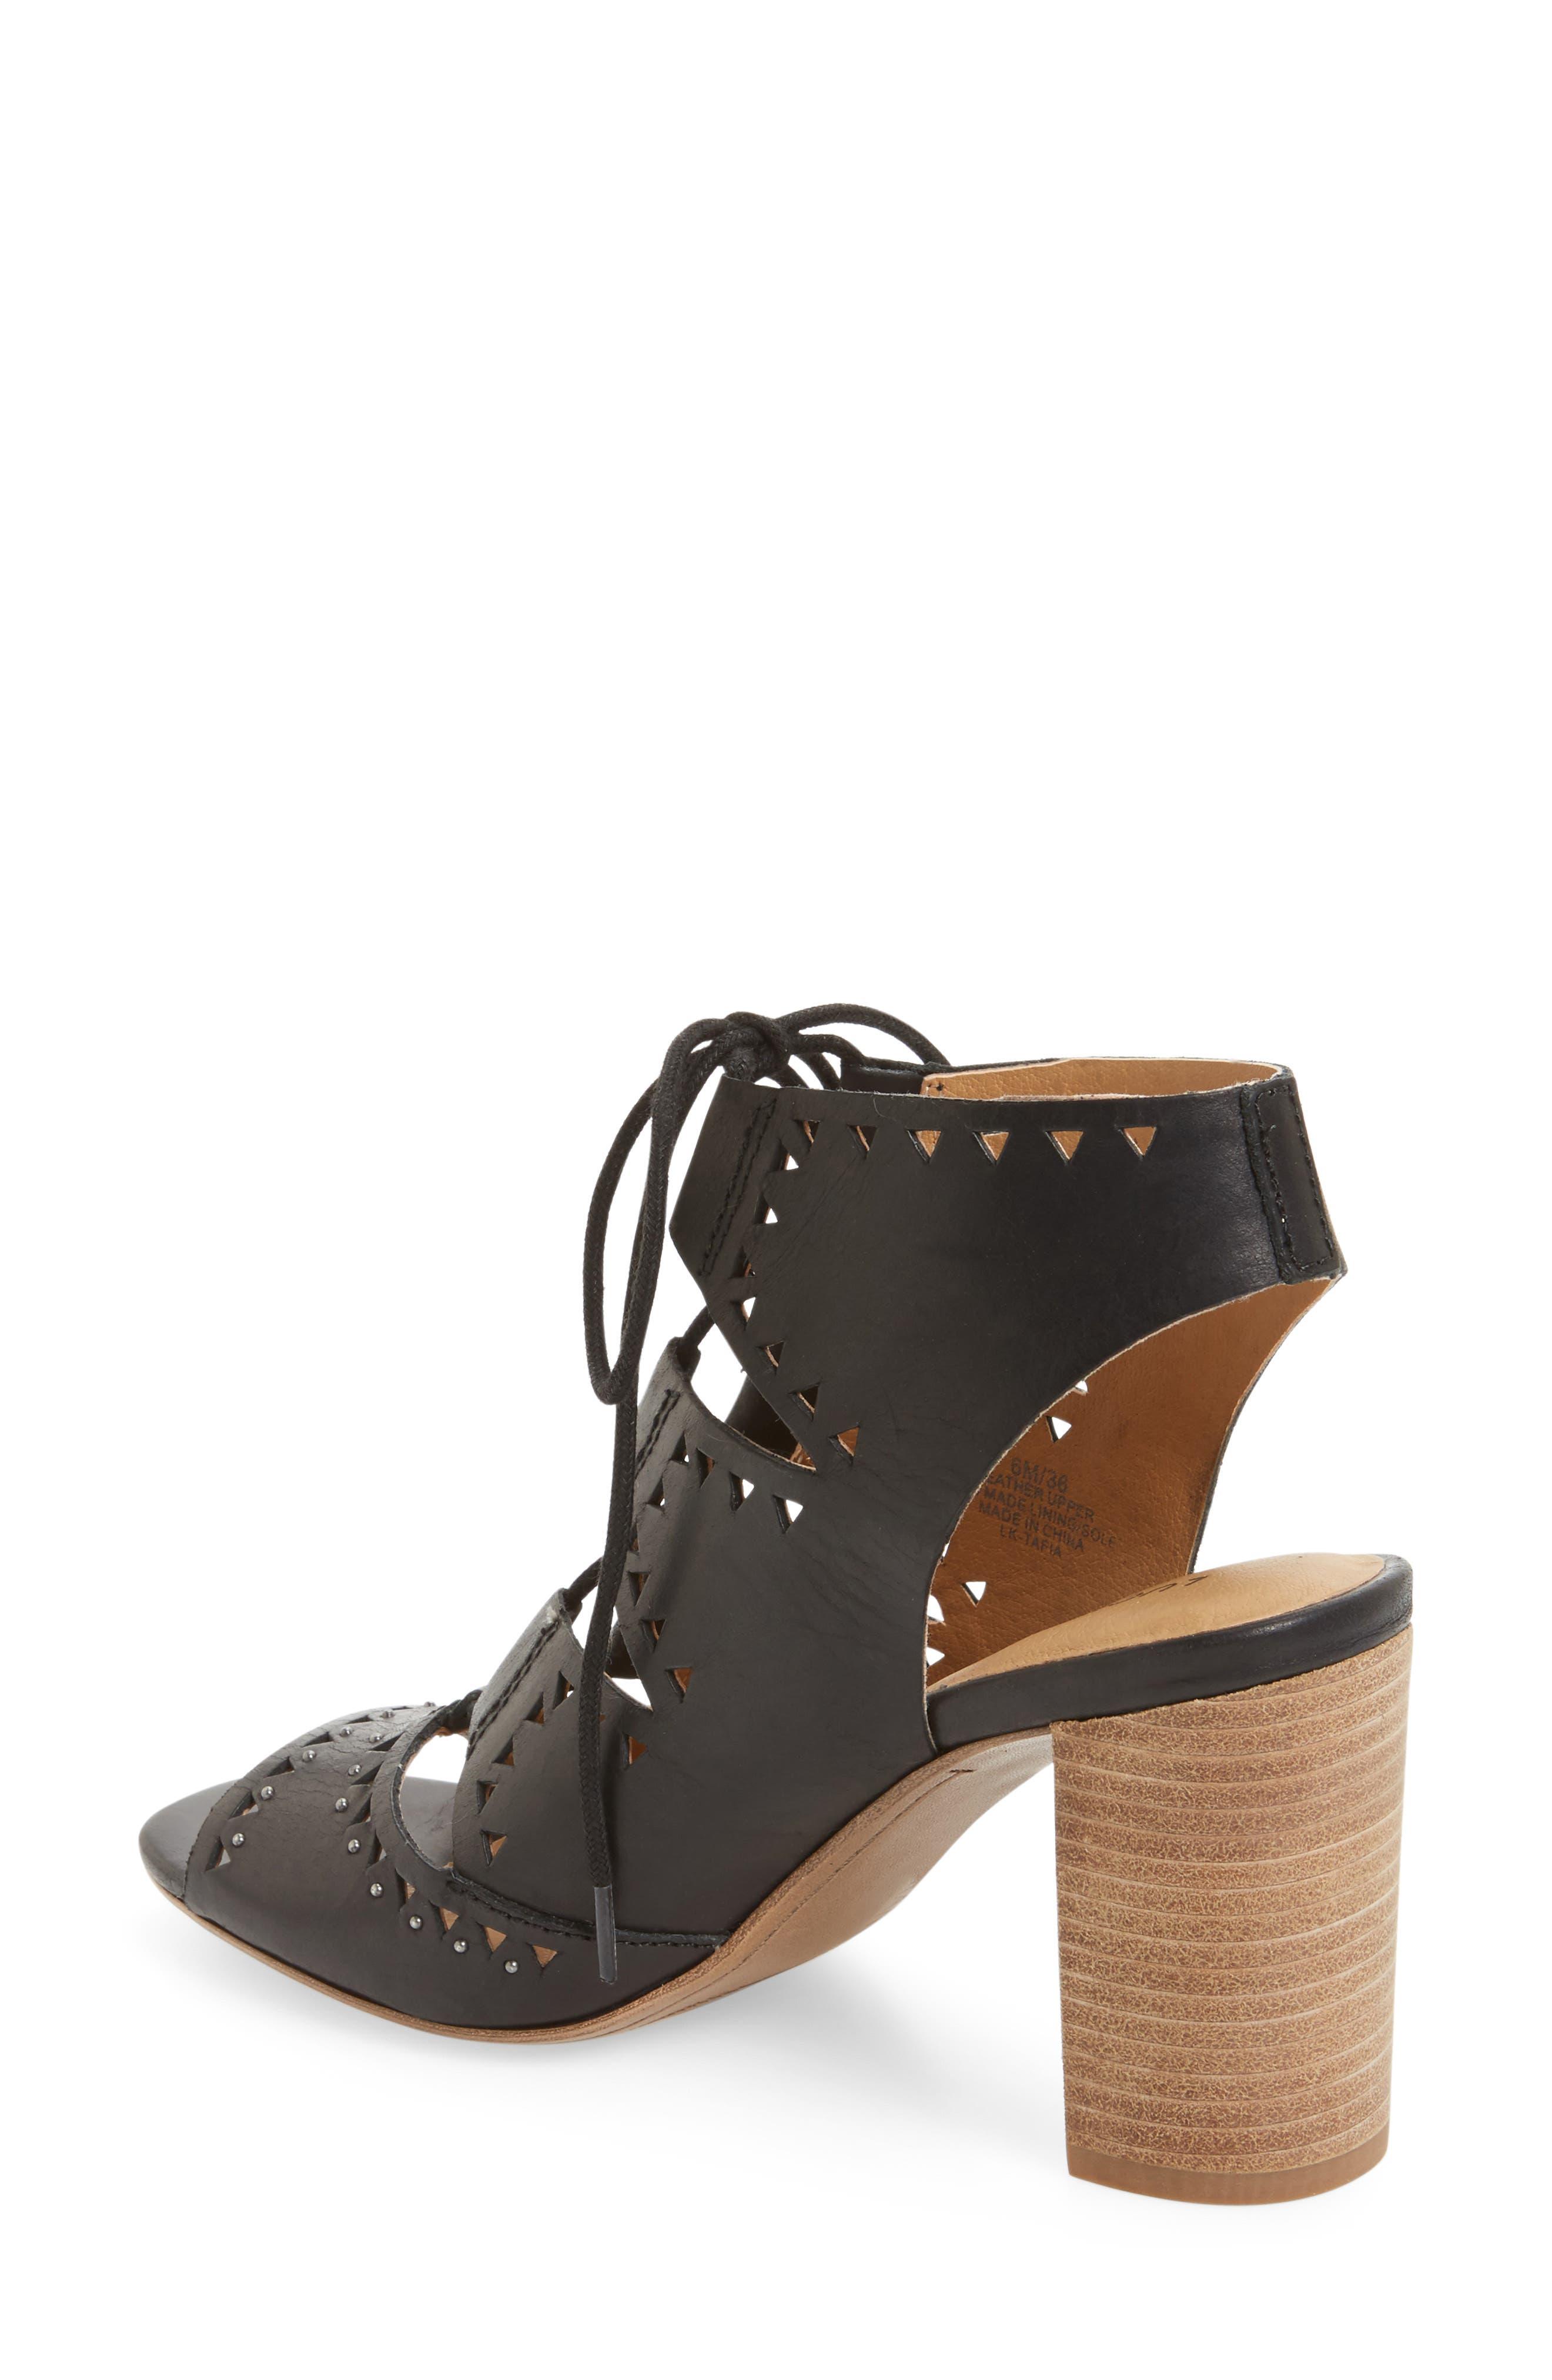 Tafia Lace-Up Sandal,                             Alternate thumbnail 2, color,                             001